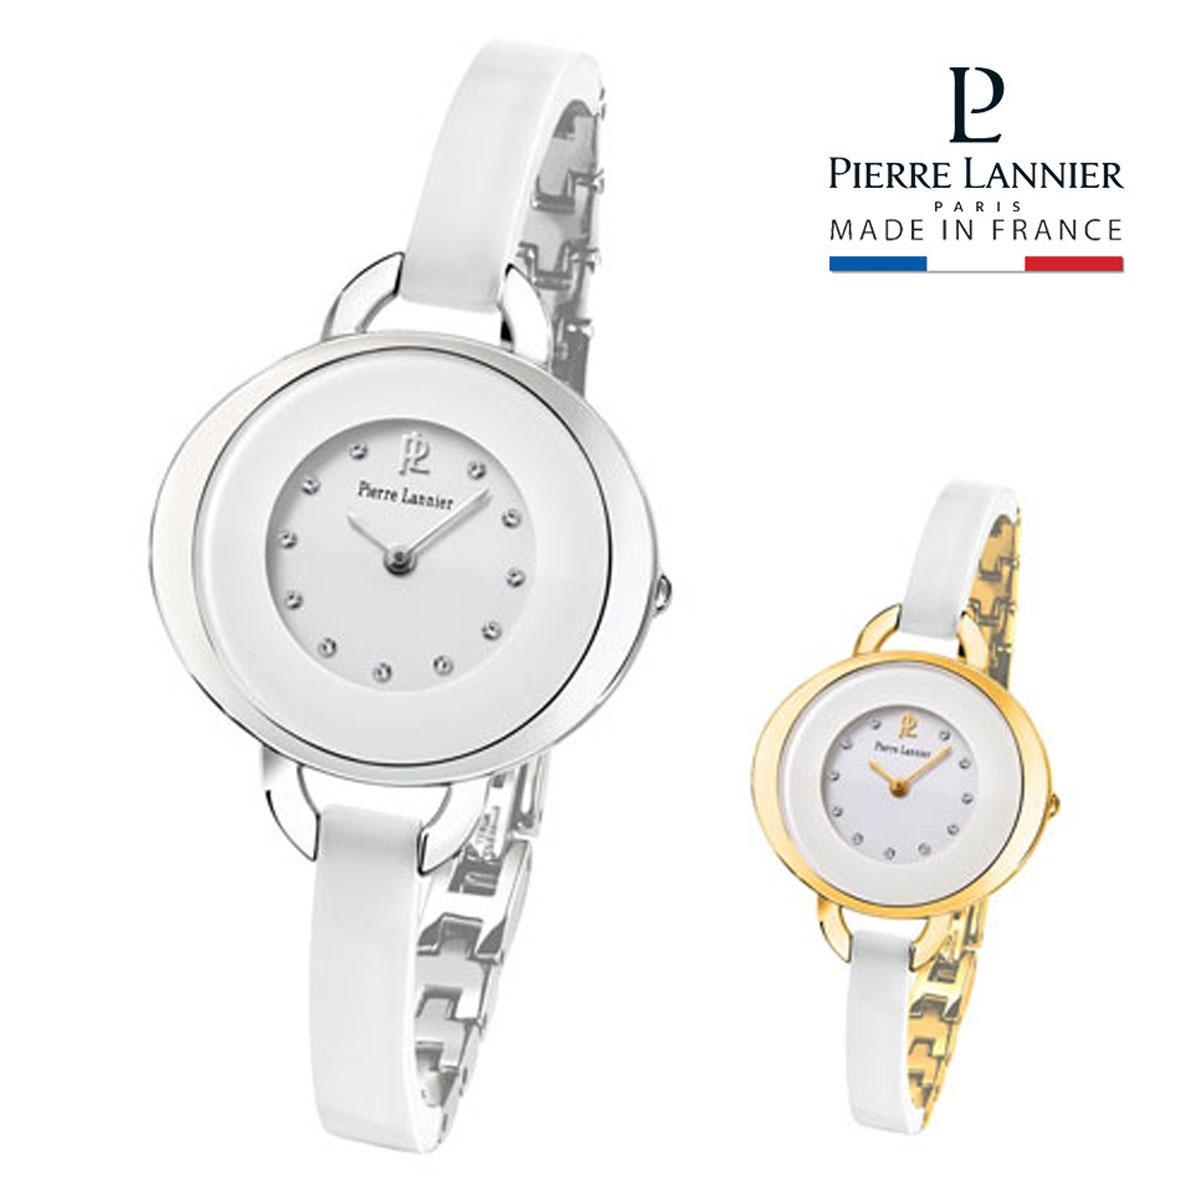 ピエールラニエ レディセラミックウォッチ シルバー ゴールド レディース腕時計 バングル型 セラミック 楕円型 防水p082h600 p083h500